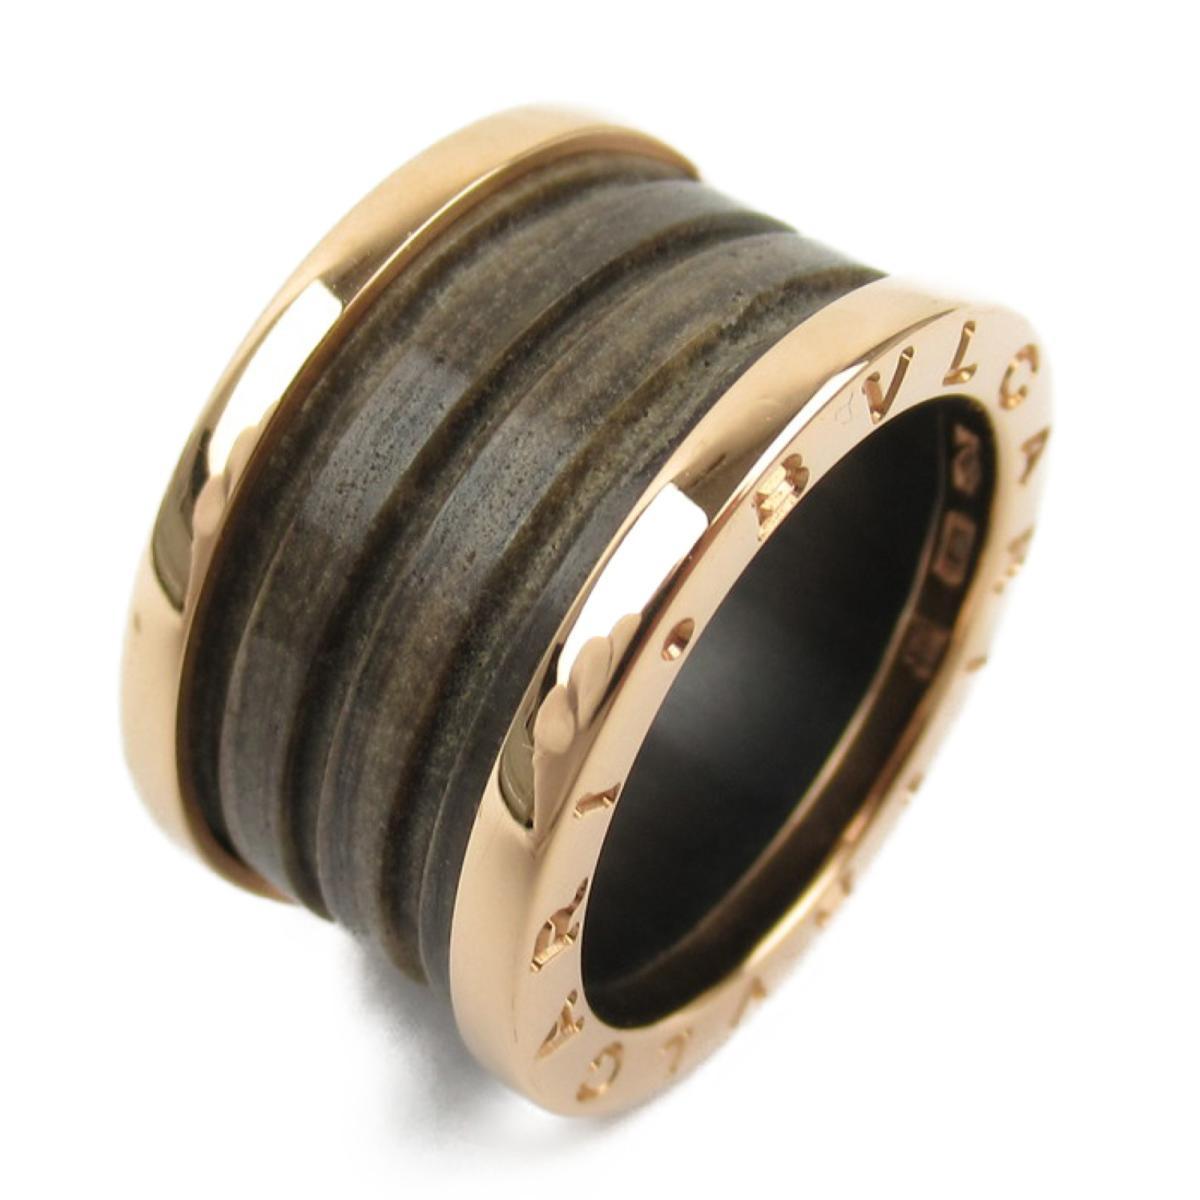 ブルガリ B-zero1 ビーゼロワンリング Mサイズ 指輪 ブランドジュエリー メンズ レディース K18PG (750) ピンクゴールド x セラミック 【中古】 | ブランド